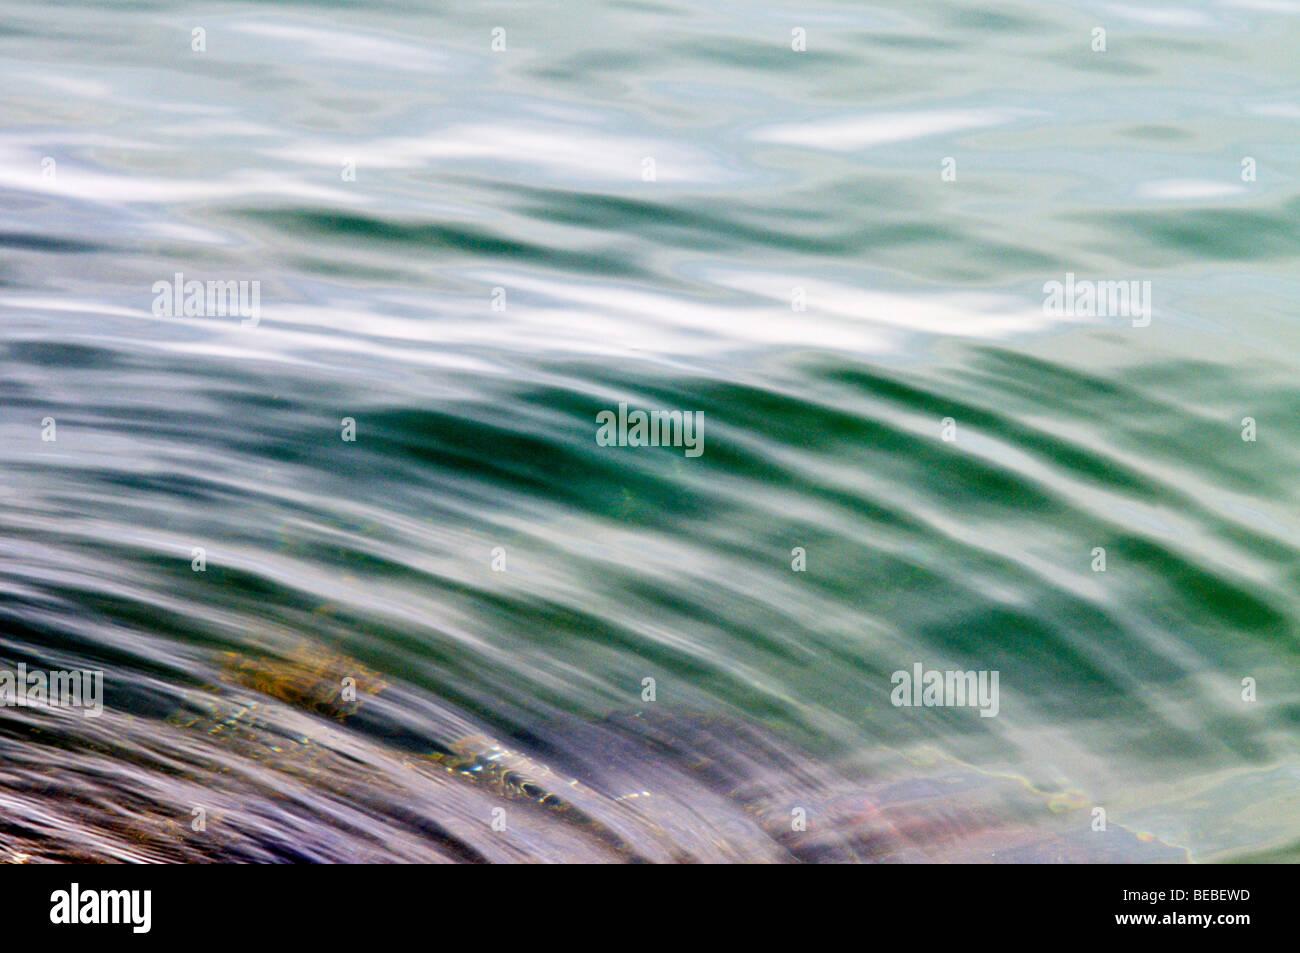 Resumen de agua con reflejos y ondulaciones Imagen De Stock